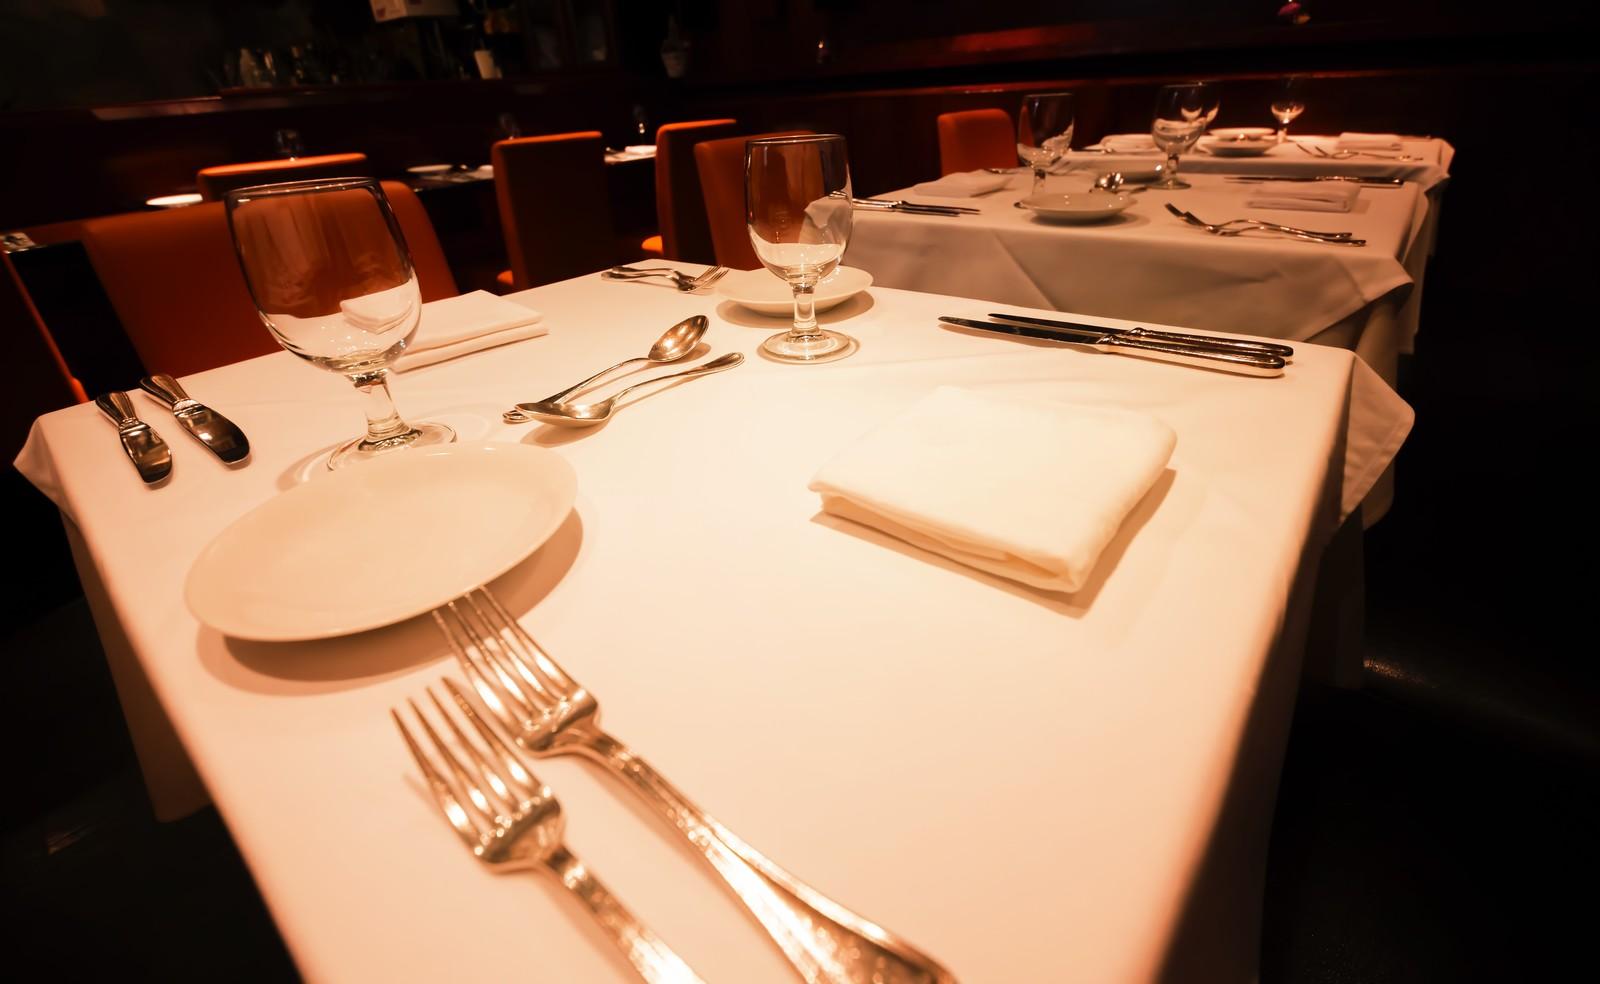 白いテーブルクロスが敷かれ、フォークやナイフ、お皿がきれいに並べられているレストラン店内のイメージ画像